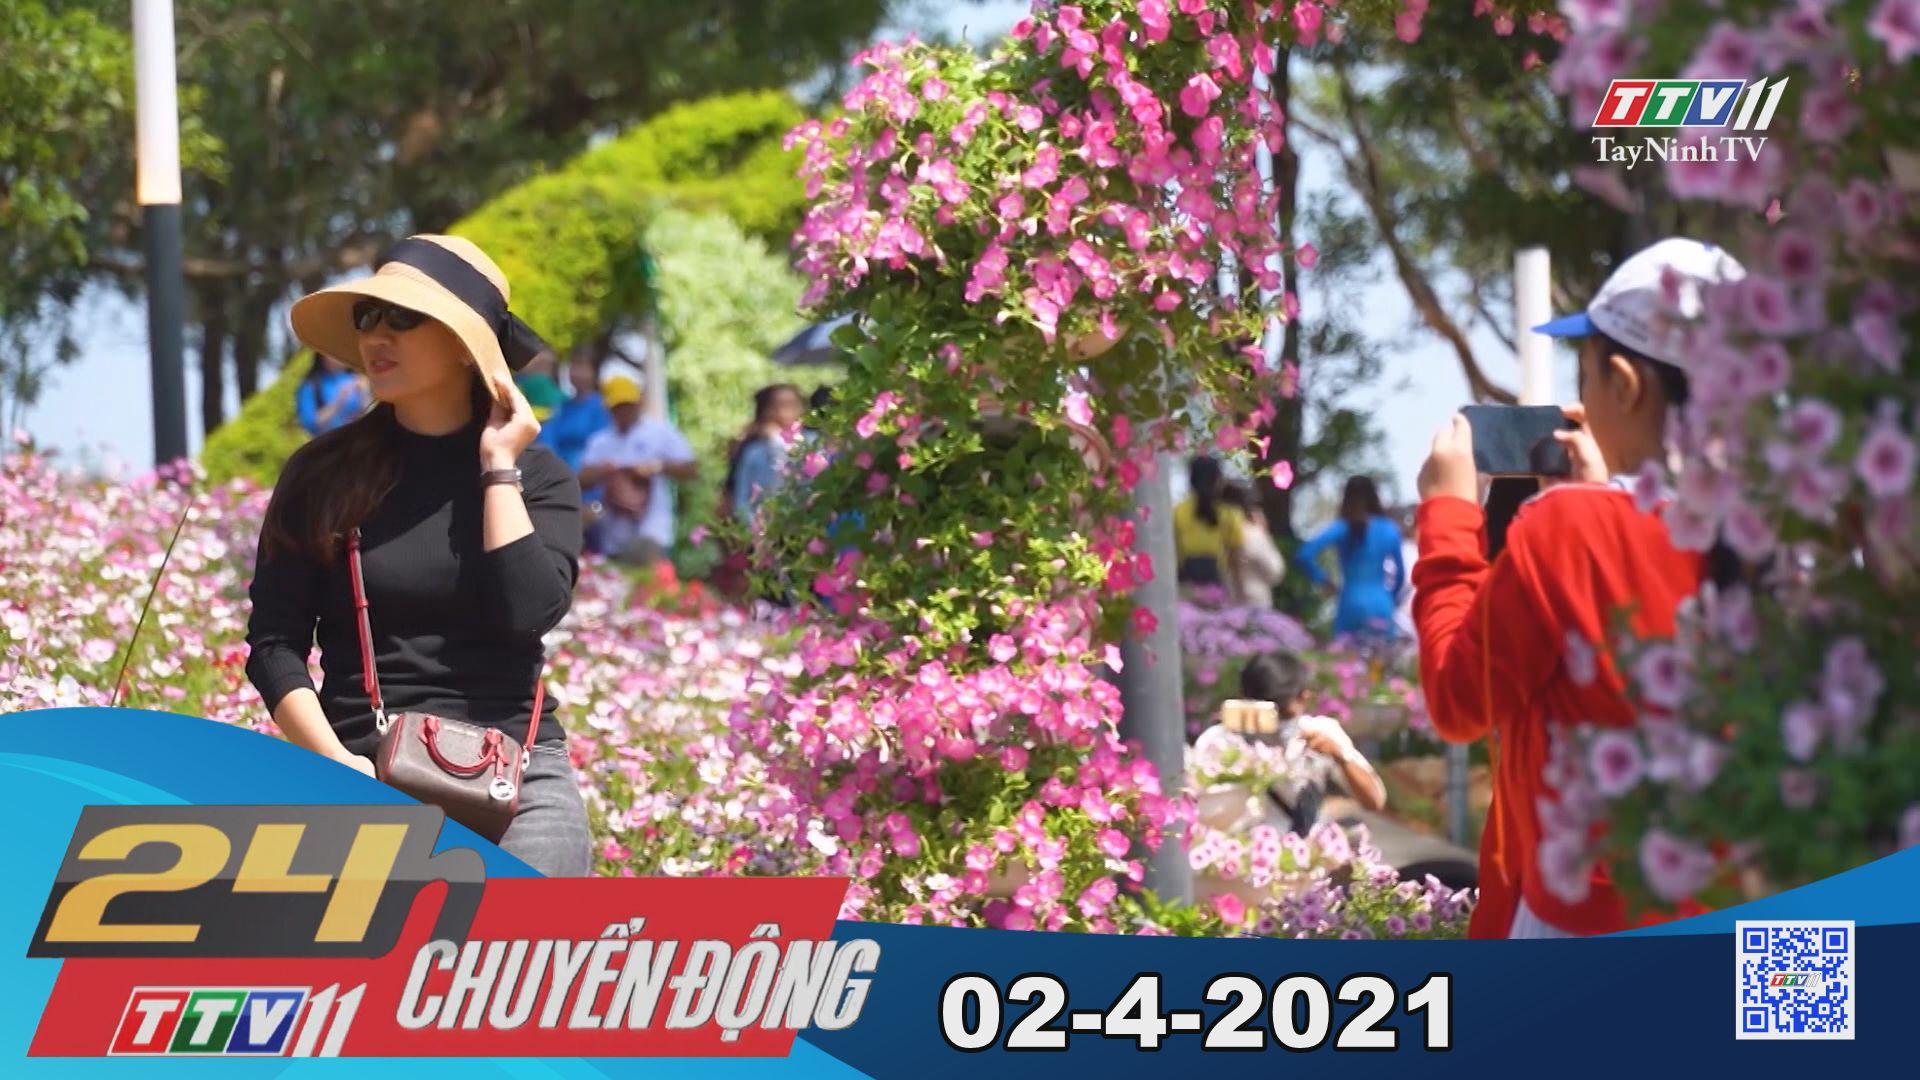 24h Chuyển động 02-4-2021 | Tin tức hôm nay | TayNinhTV